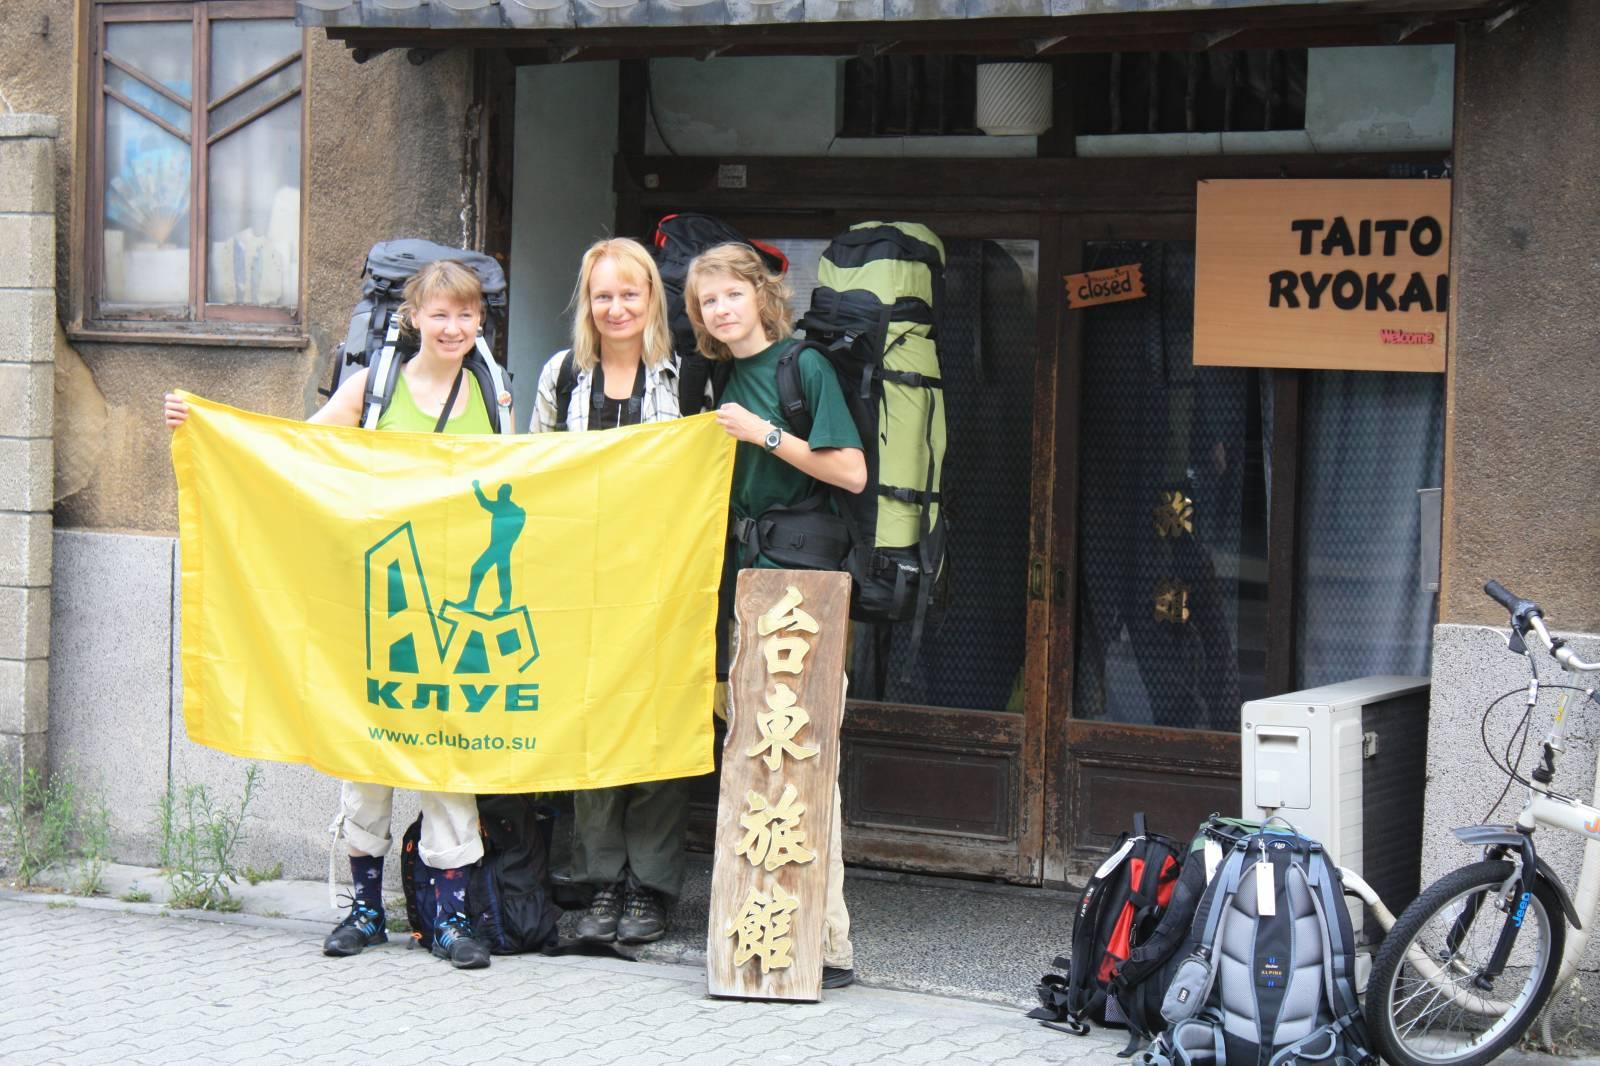 Статья опубликованная в газете Вольный ветер о путешествии по Японии с восхождением на гору Фудзи